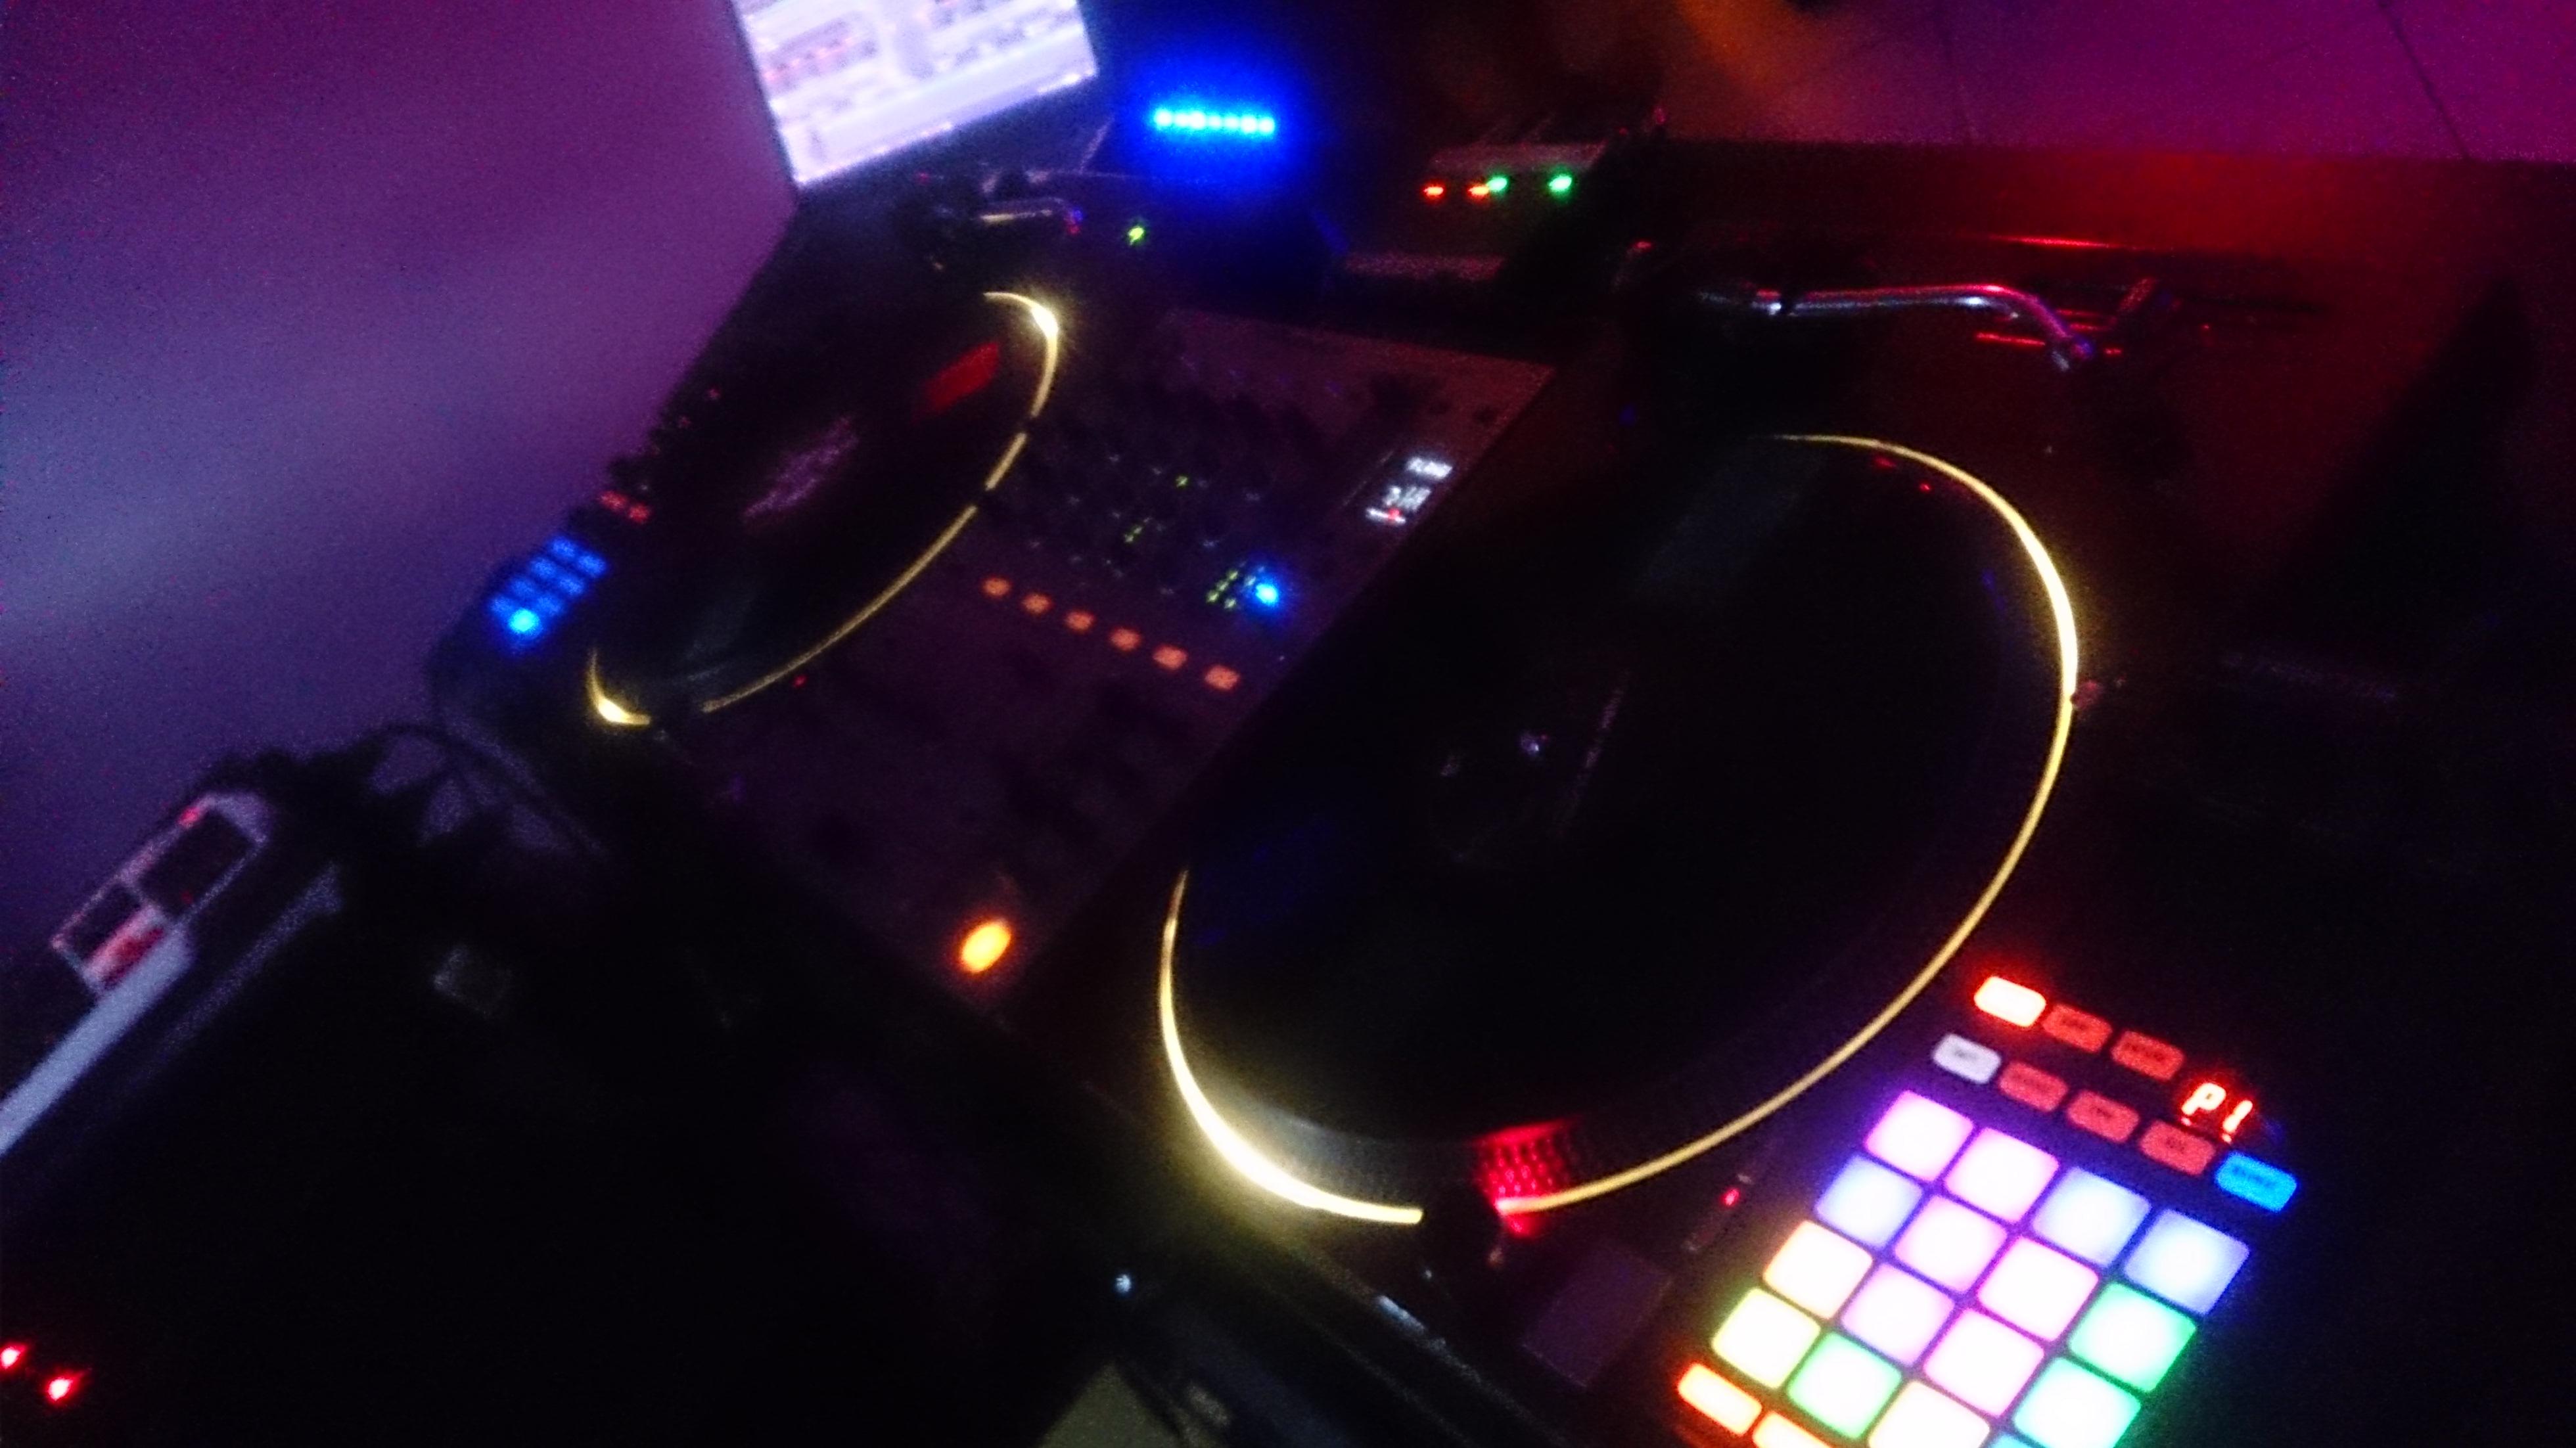 Mixxing